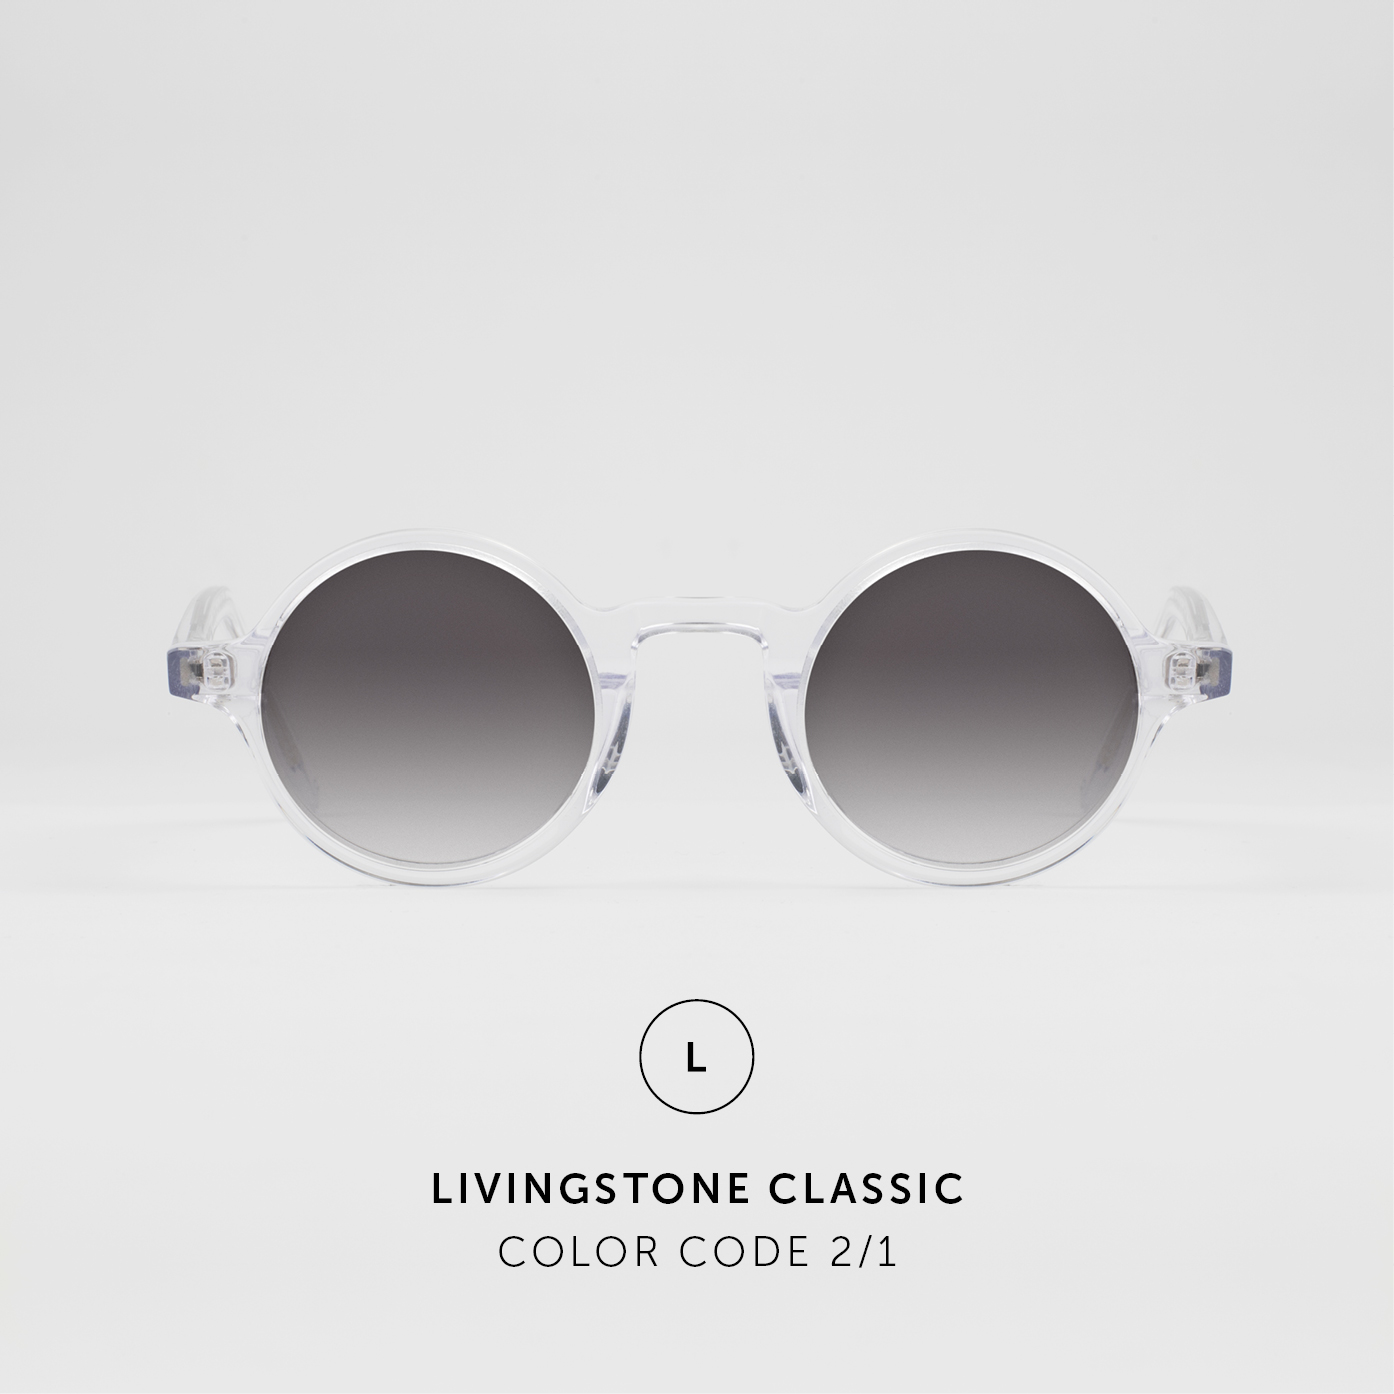 LivingstoneClassic14.jpg